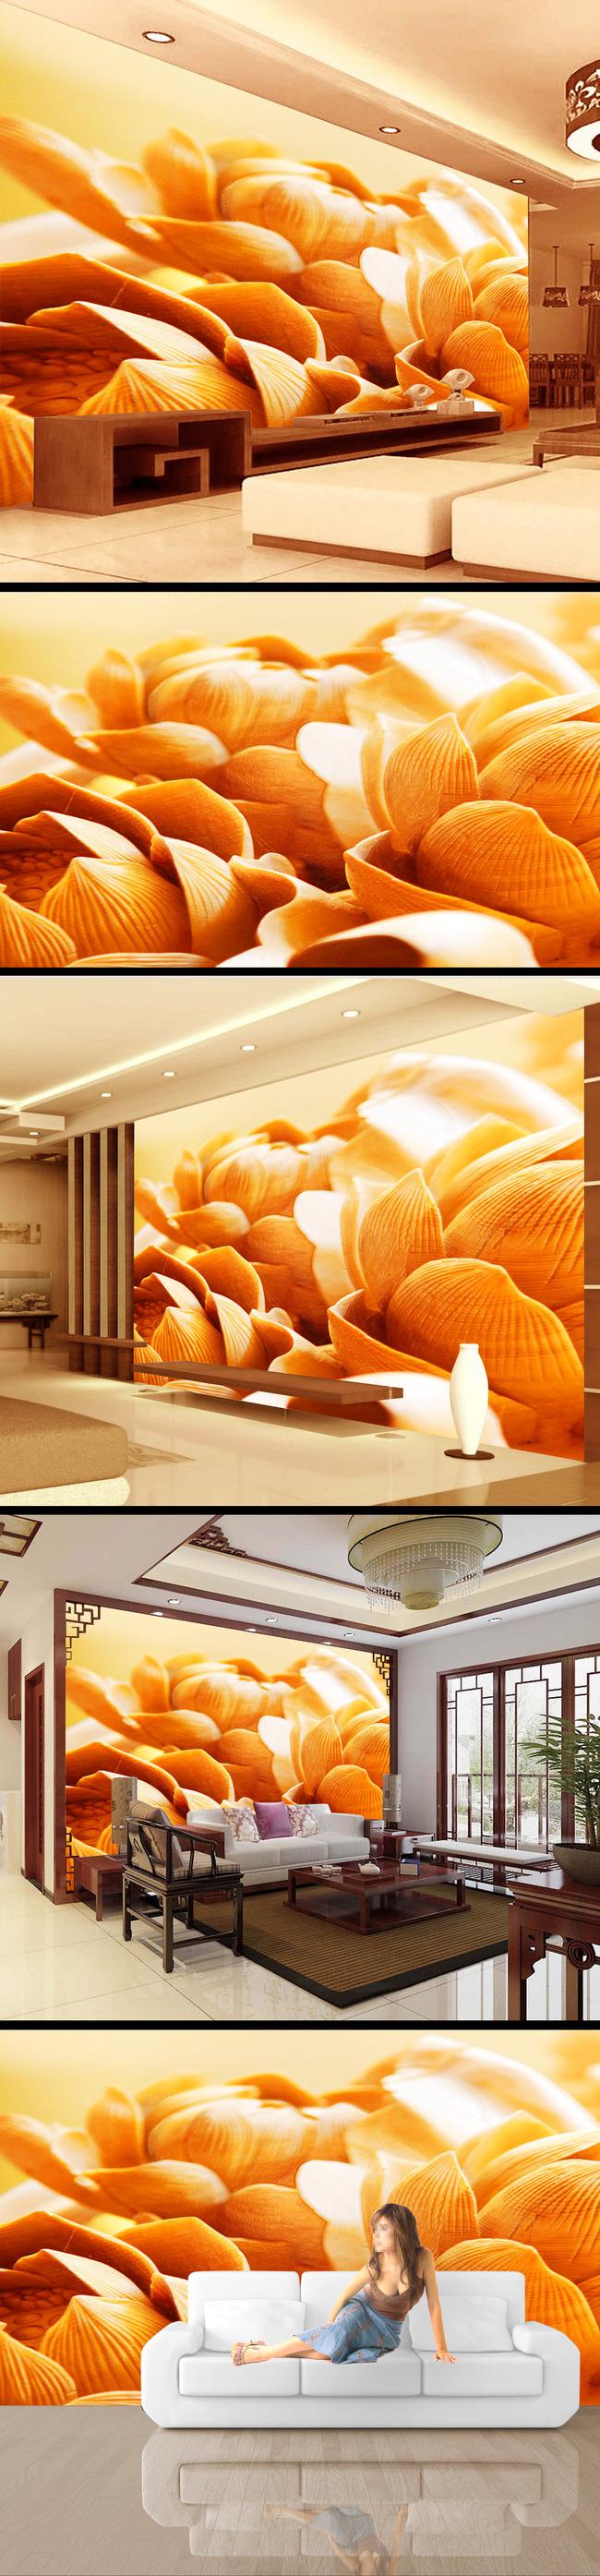 古典 中式 中国风 木雕 浮雕 雕刻 雕塑 3d立体 电视背景墙 国画 中国